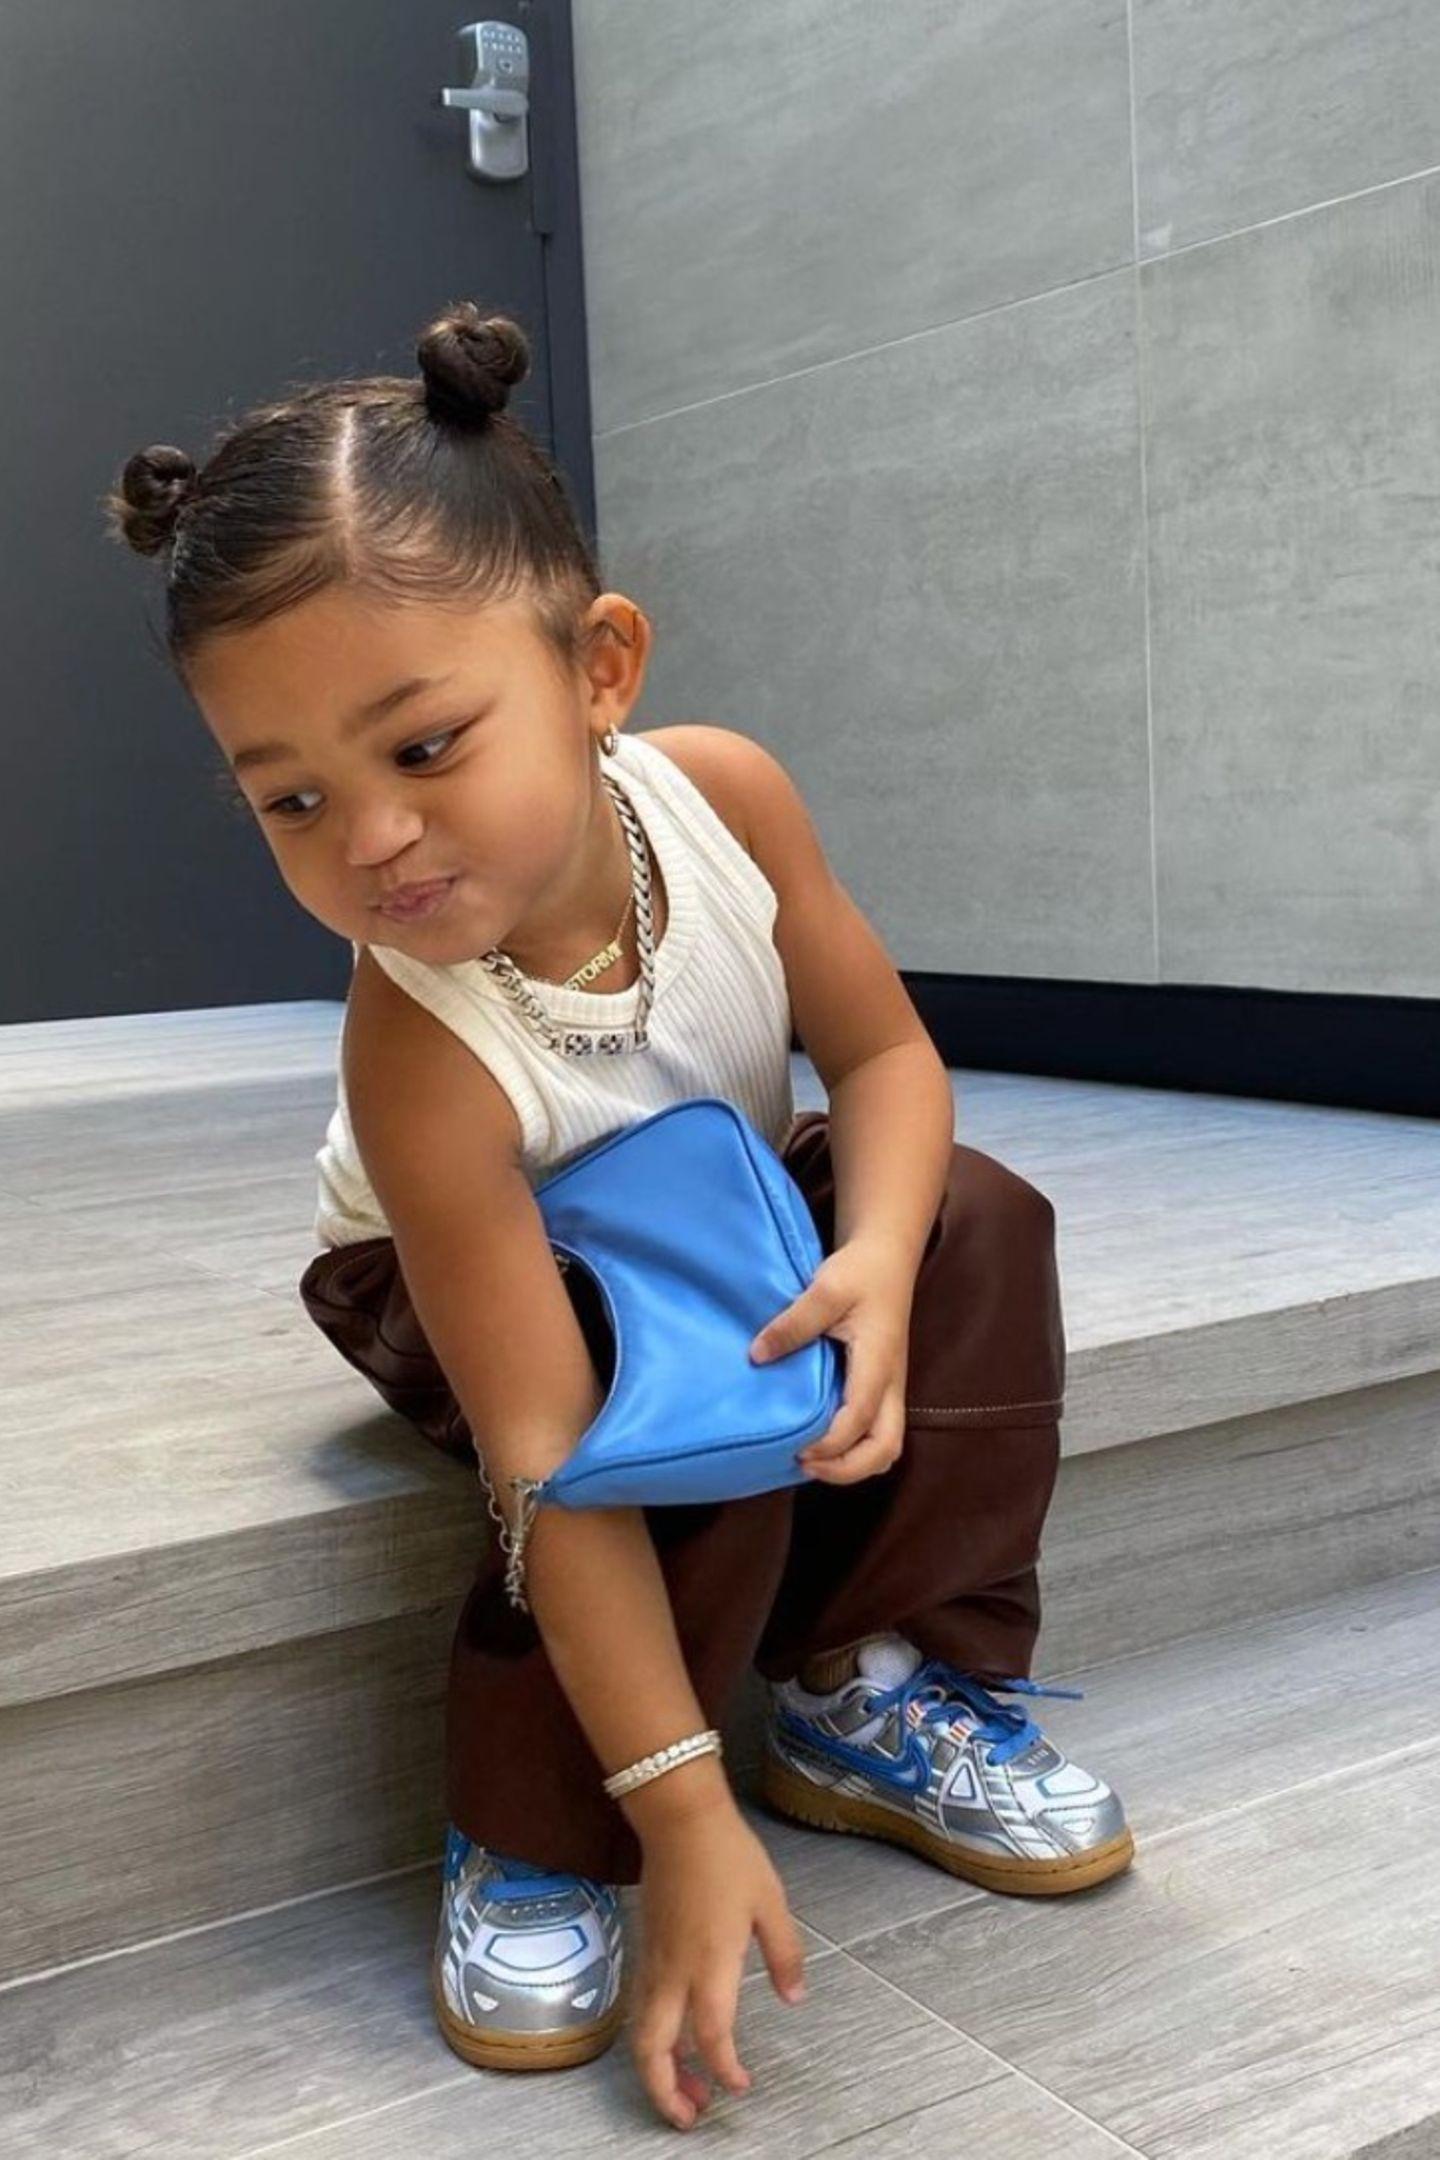 Wenn es ein Kind gibt, dass den Style im Blut hat, dann ist es Stormi Webster. Auf ihrem Instagram-Account teilt Mama Kylie Jenner dieses zuckersüße Foto ihrer Tochter. Darauf trägt Stormi eine braune Lederhose, ein weißes Tank Top und lässige Nike Sneaker.Die blaue Prada Tasche gibt ihrem Luxus-Look den letzten Schliff. Eigentlich gibt esdie Tasche nicht für Kinder, demnach dürfte es sich um eine Maßanfertigung für die kleine Stormi handeln. So oder so, der Look ist einfachniedlich!